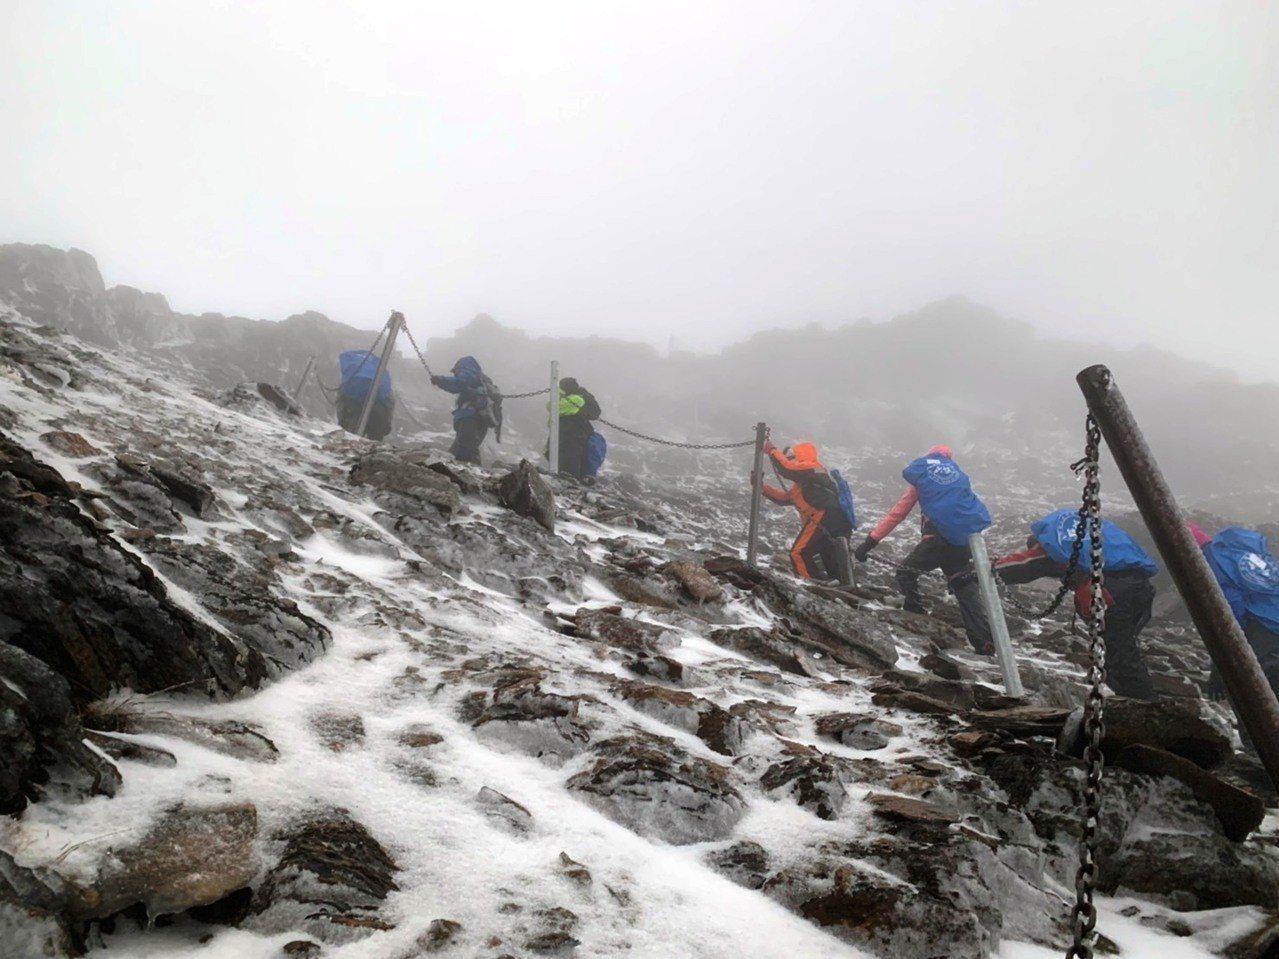 26名山友穿著雪地裝備及冰爪,清晨順利完成登上玉山頂的願望。圖/玉山處提供